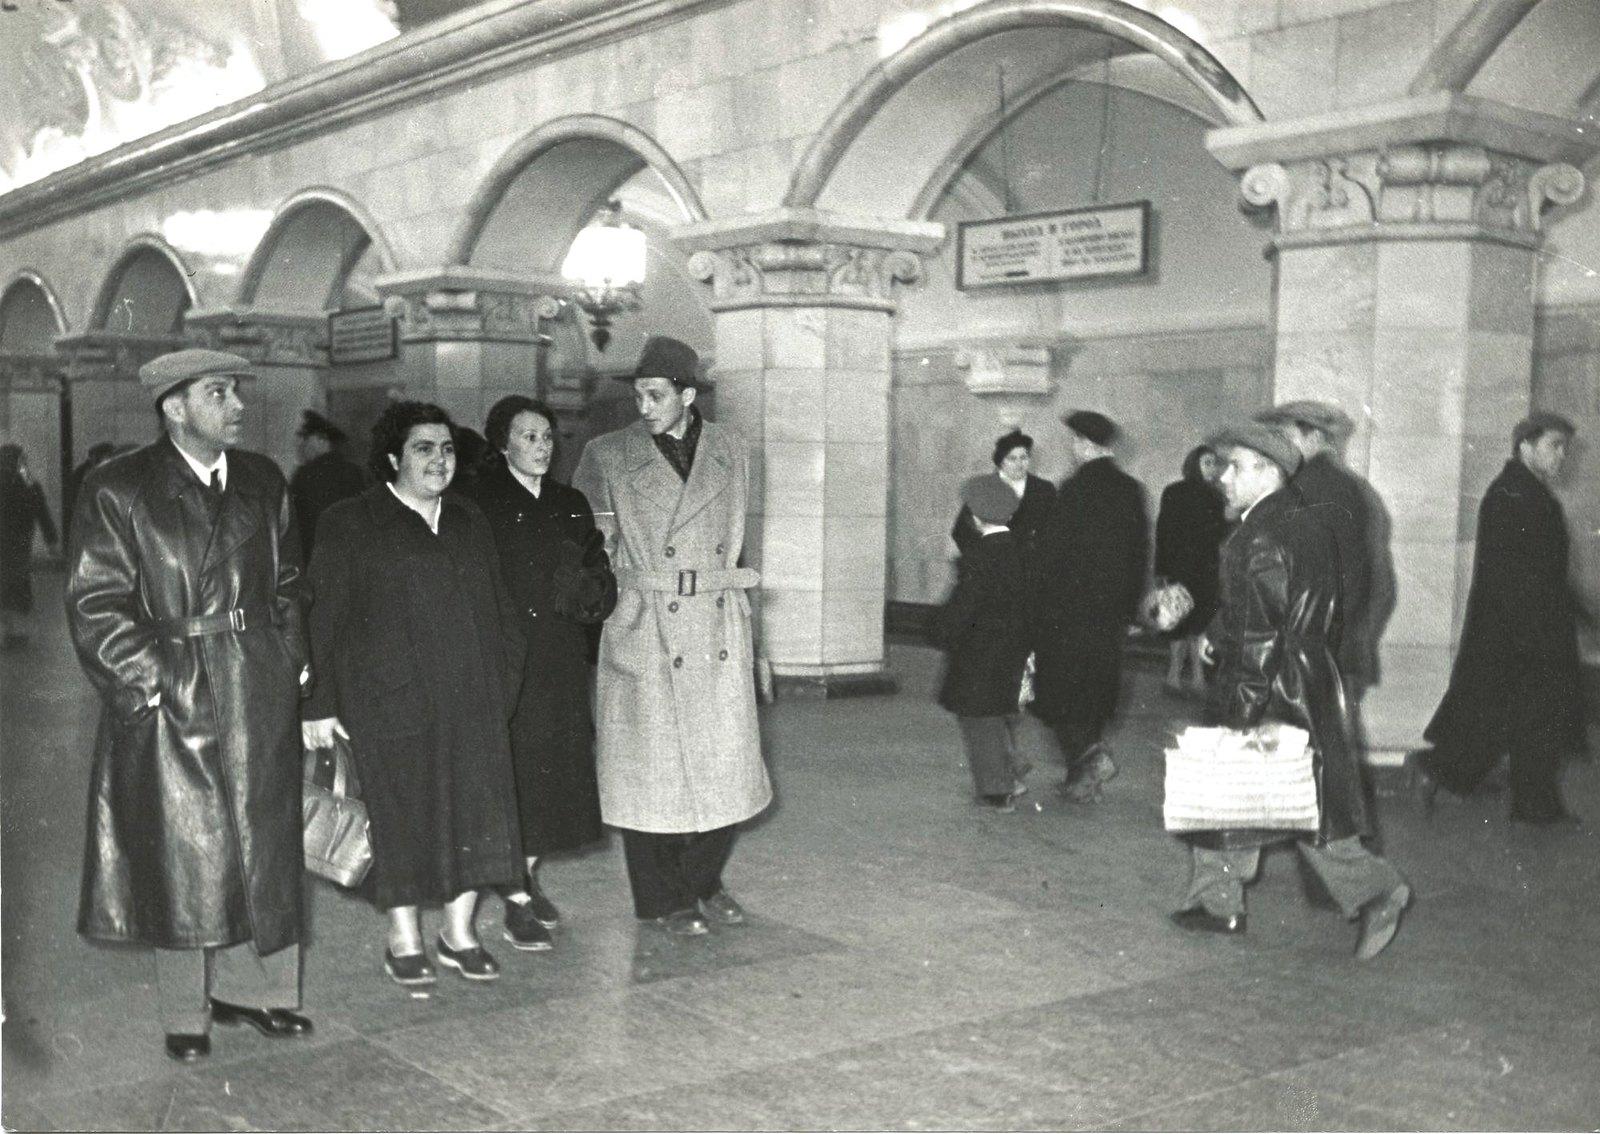 1950-е. Пассажиры метро